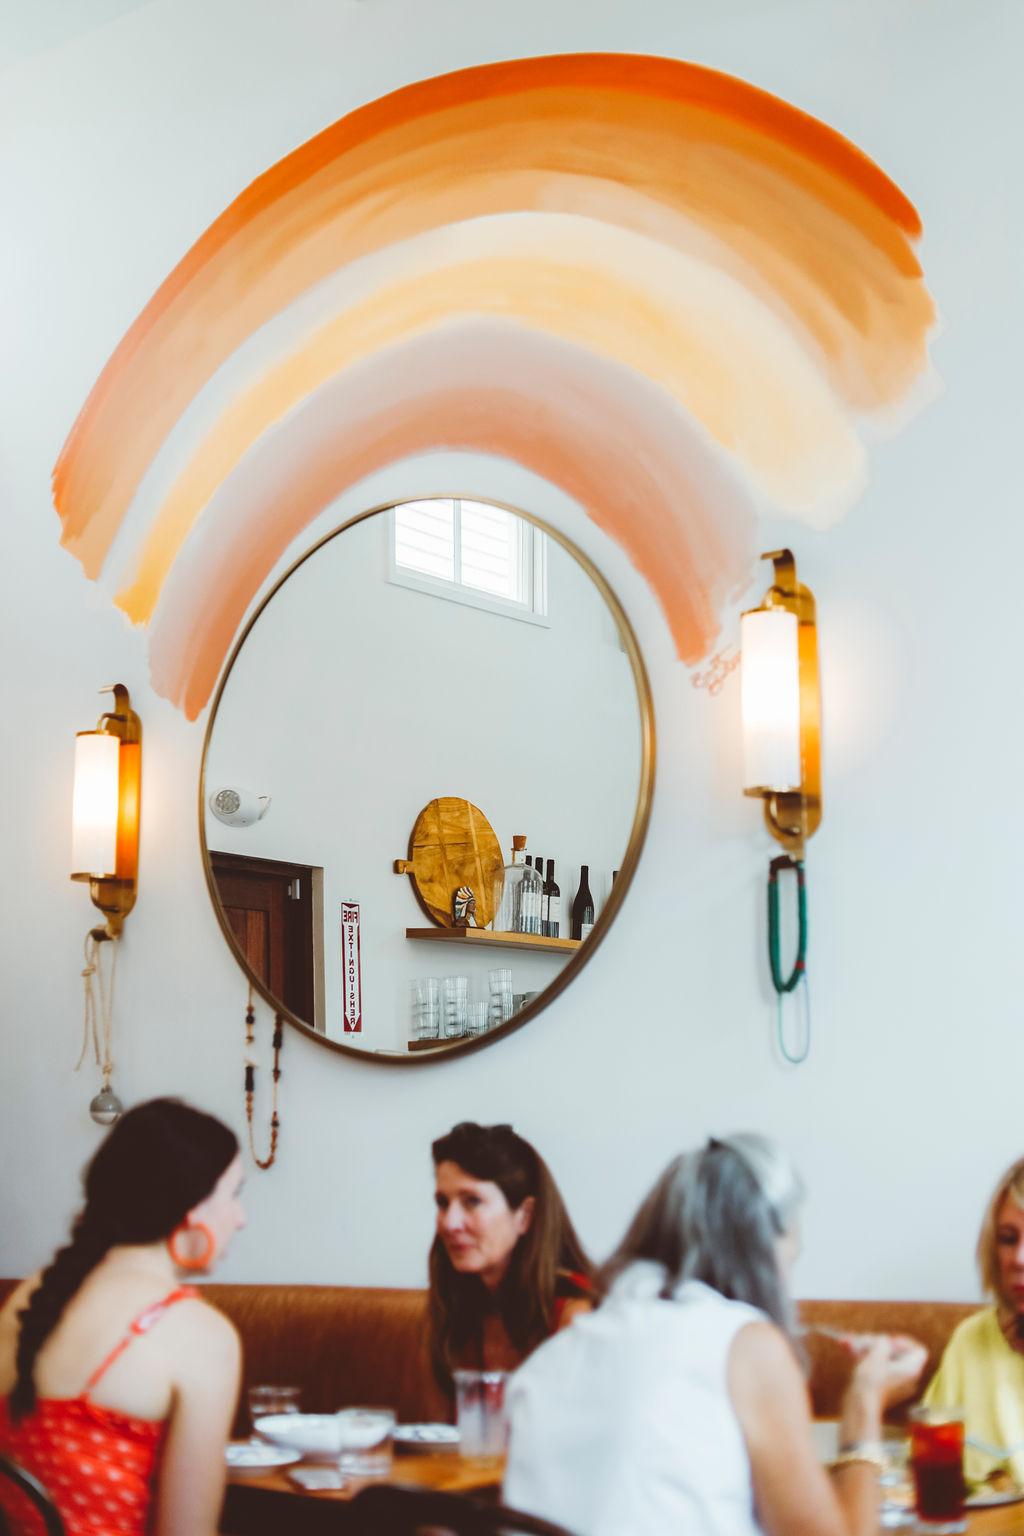 Mirror artwork at Basic Kitchen